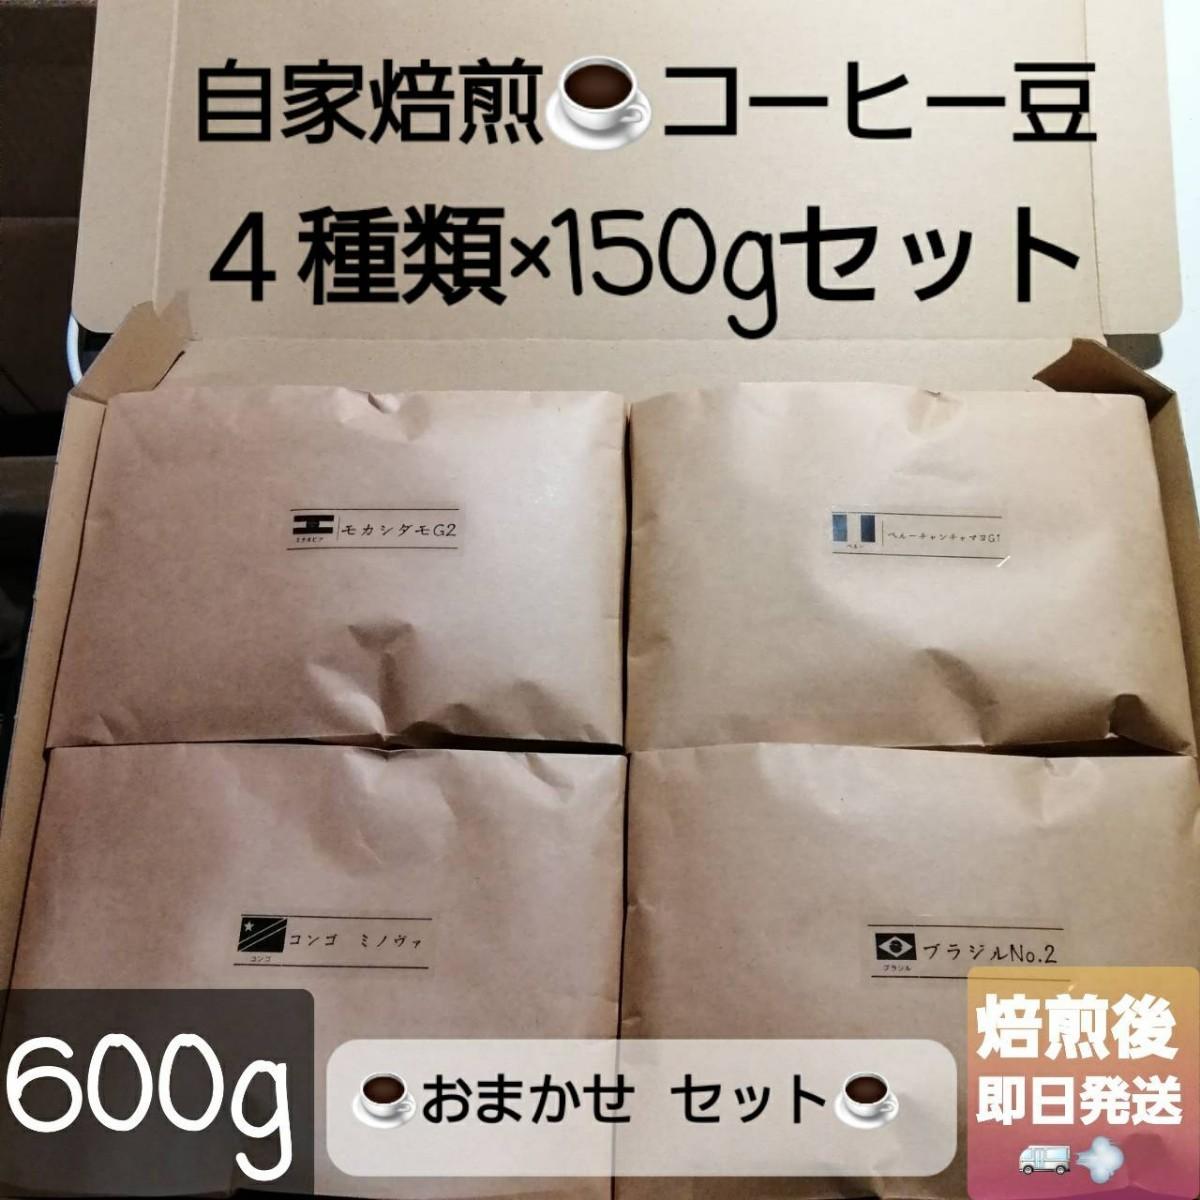 ①自家焙煎屋 コーヒー豆 おまかせ4種類セット  600